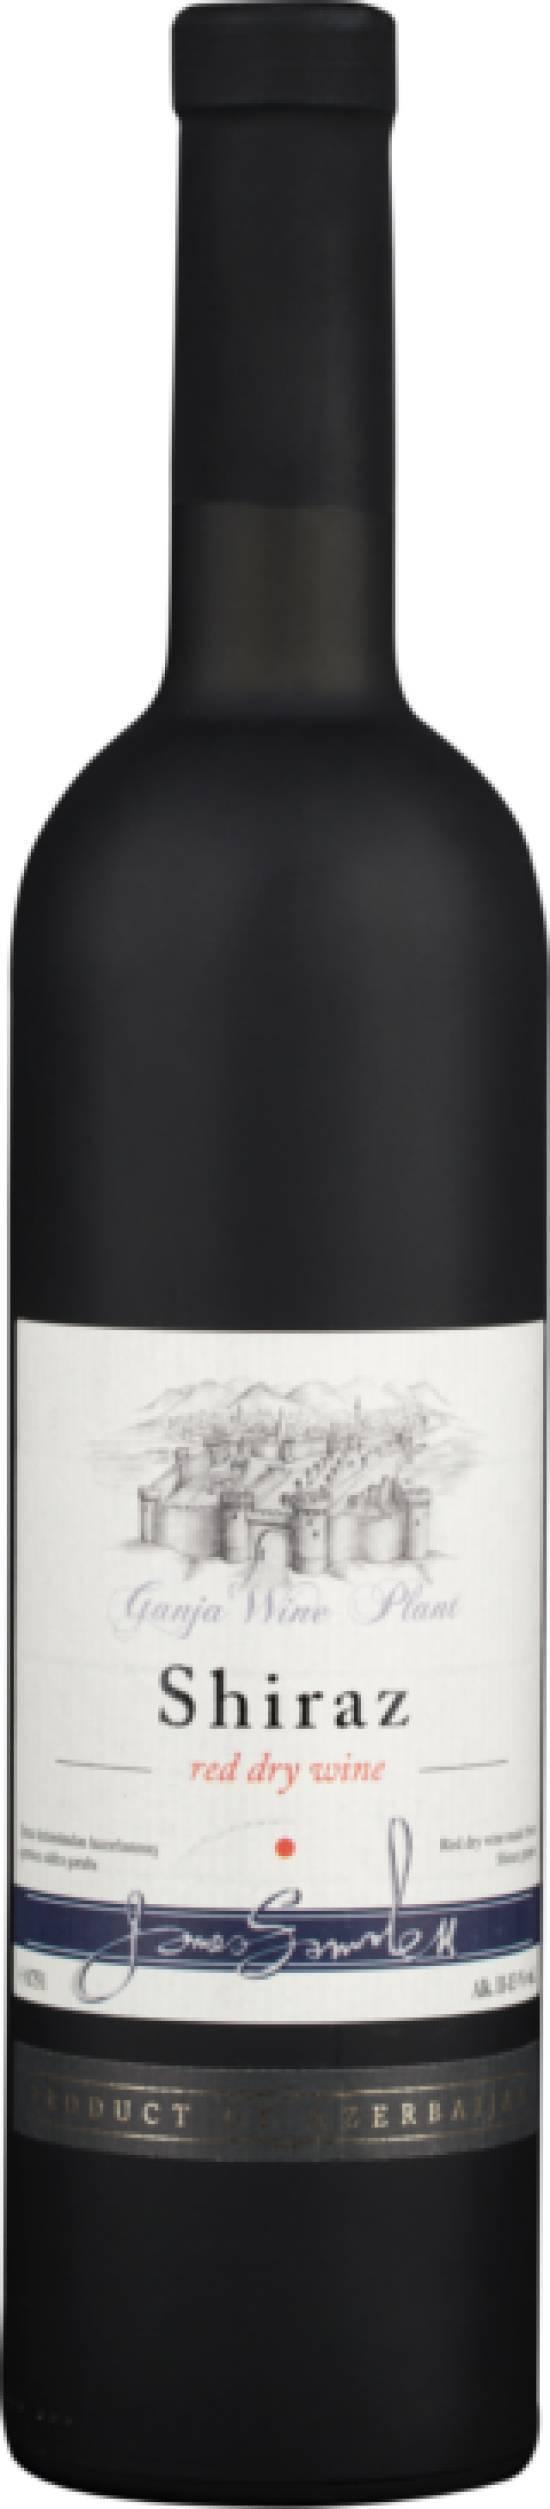 Виноград сира — один из лучших сортов для изготовления красного вина